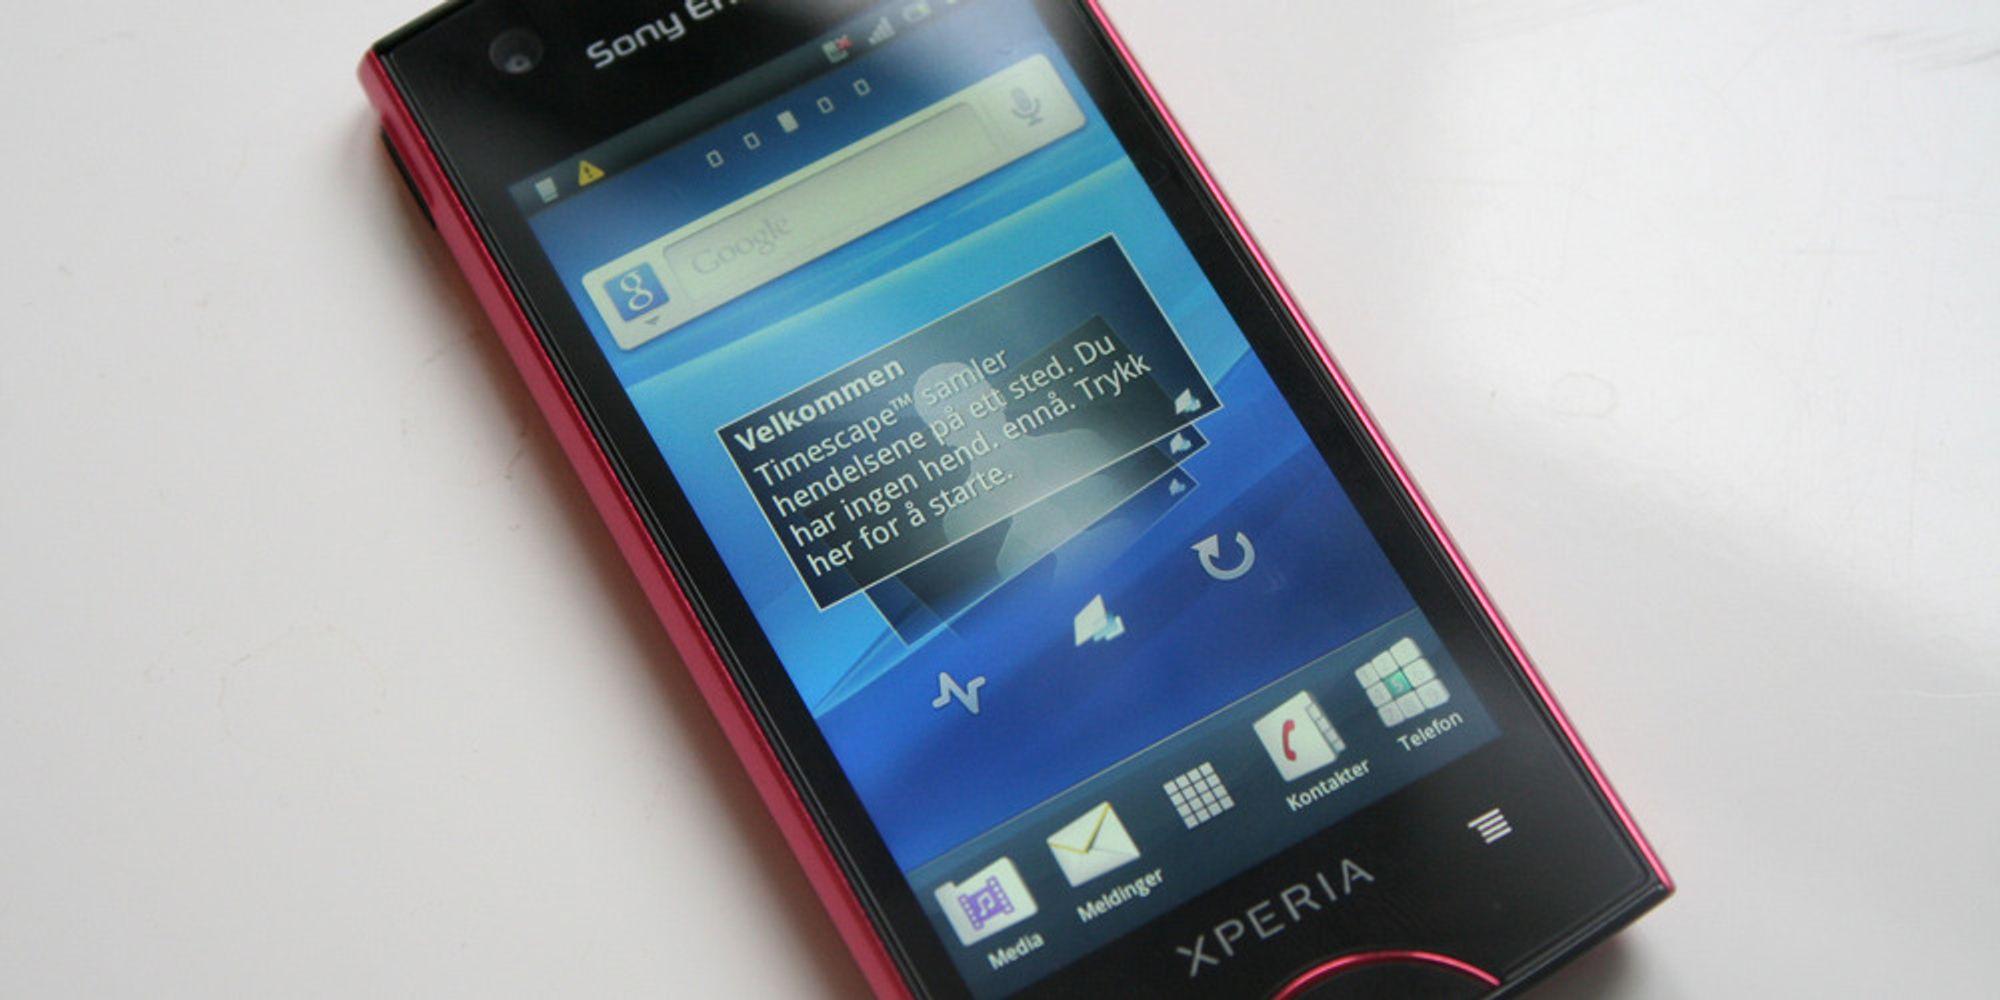 Unboxing av Sony Ericsson Xperia Ray